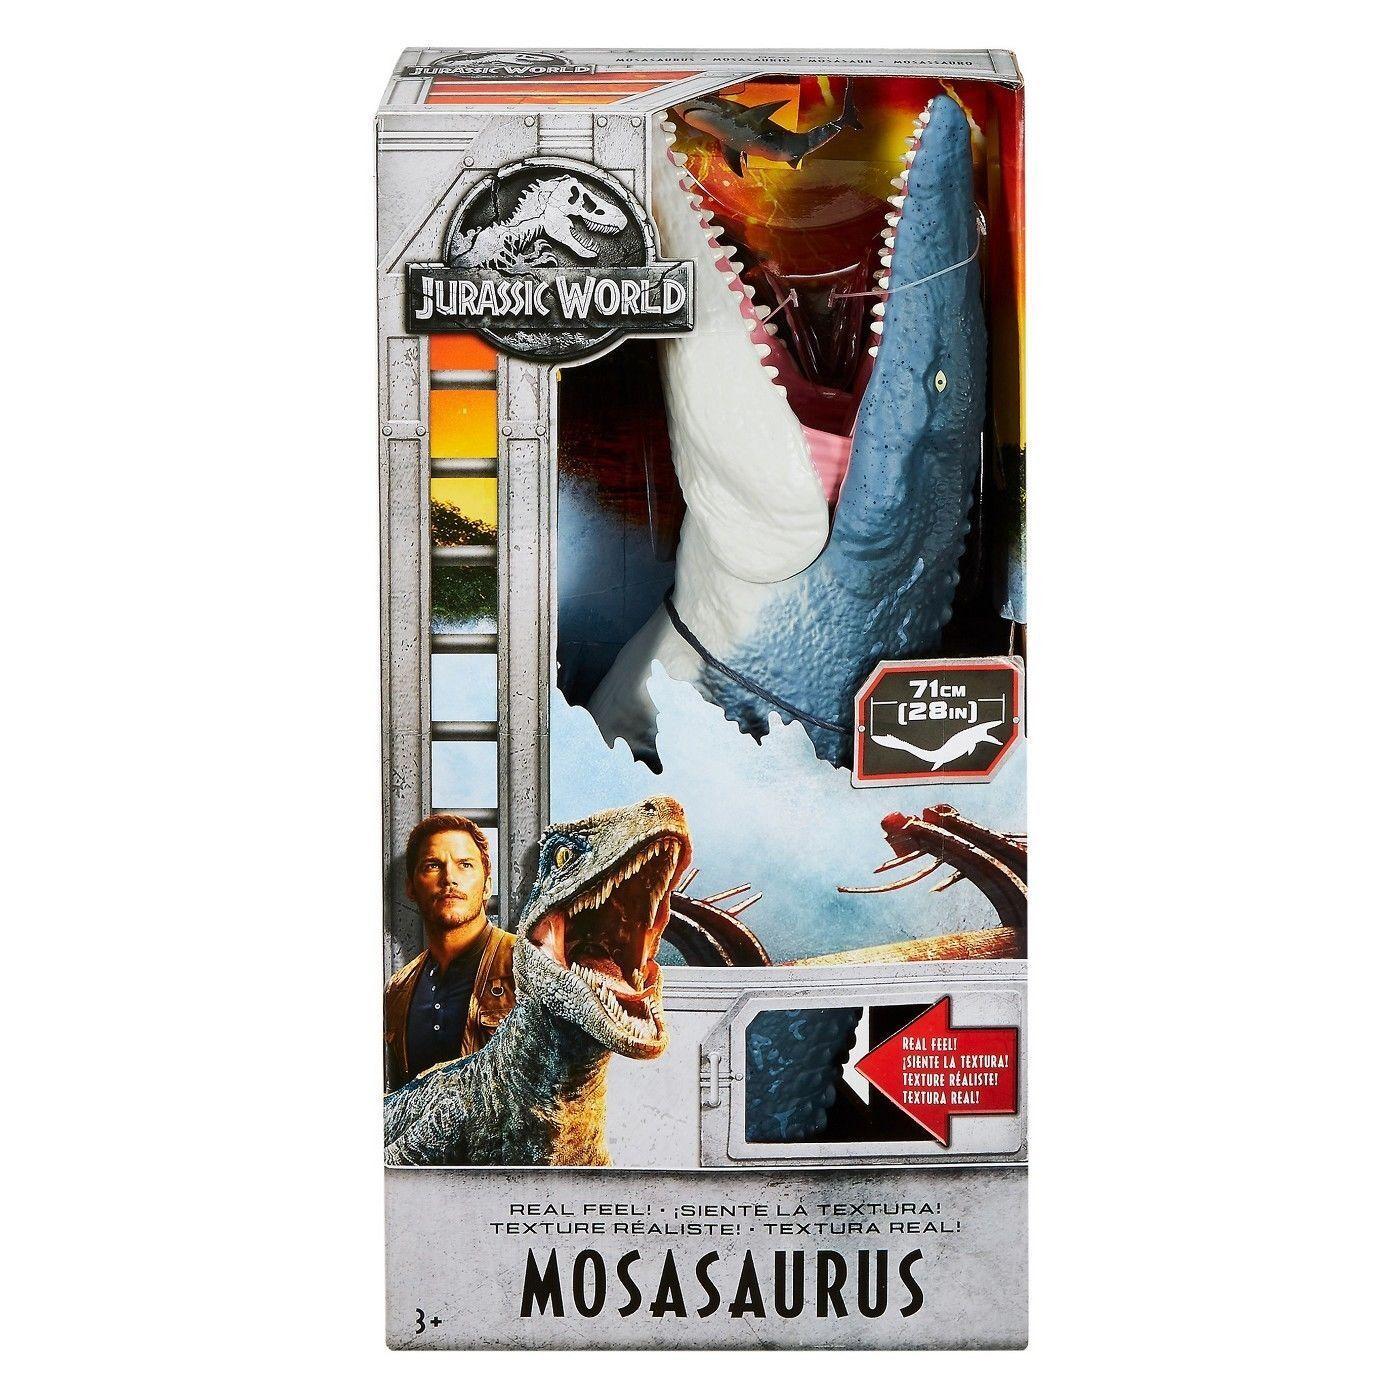 welt mosasaurus gefallen königreich gefühl